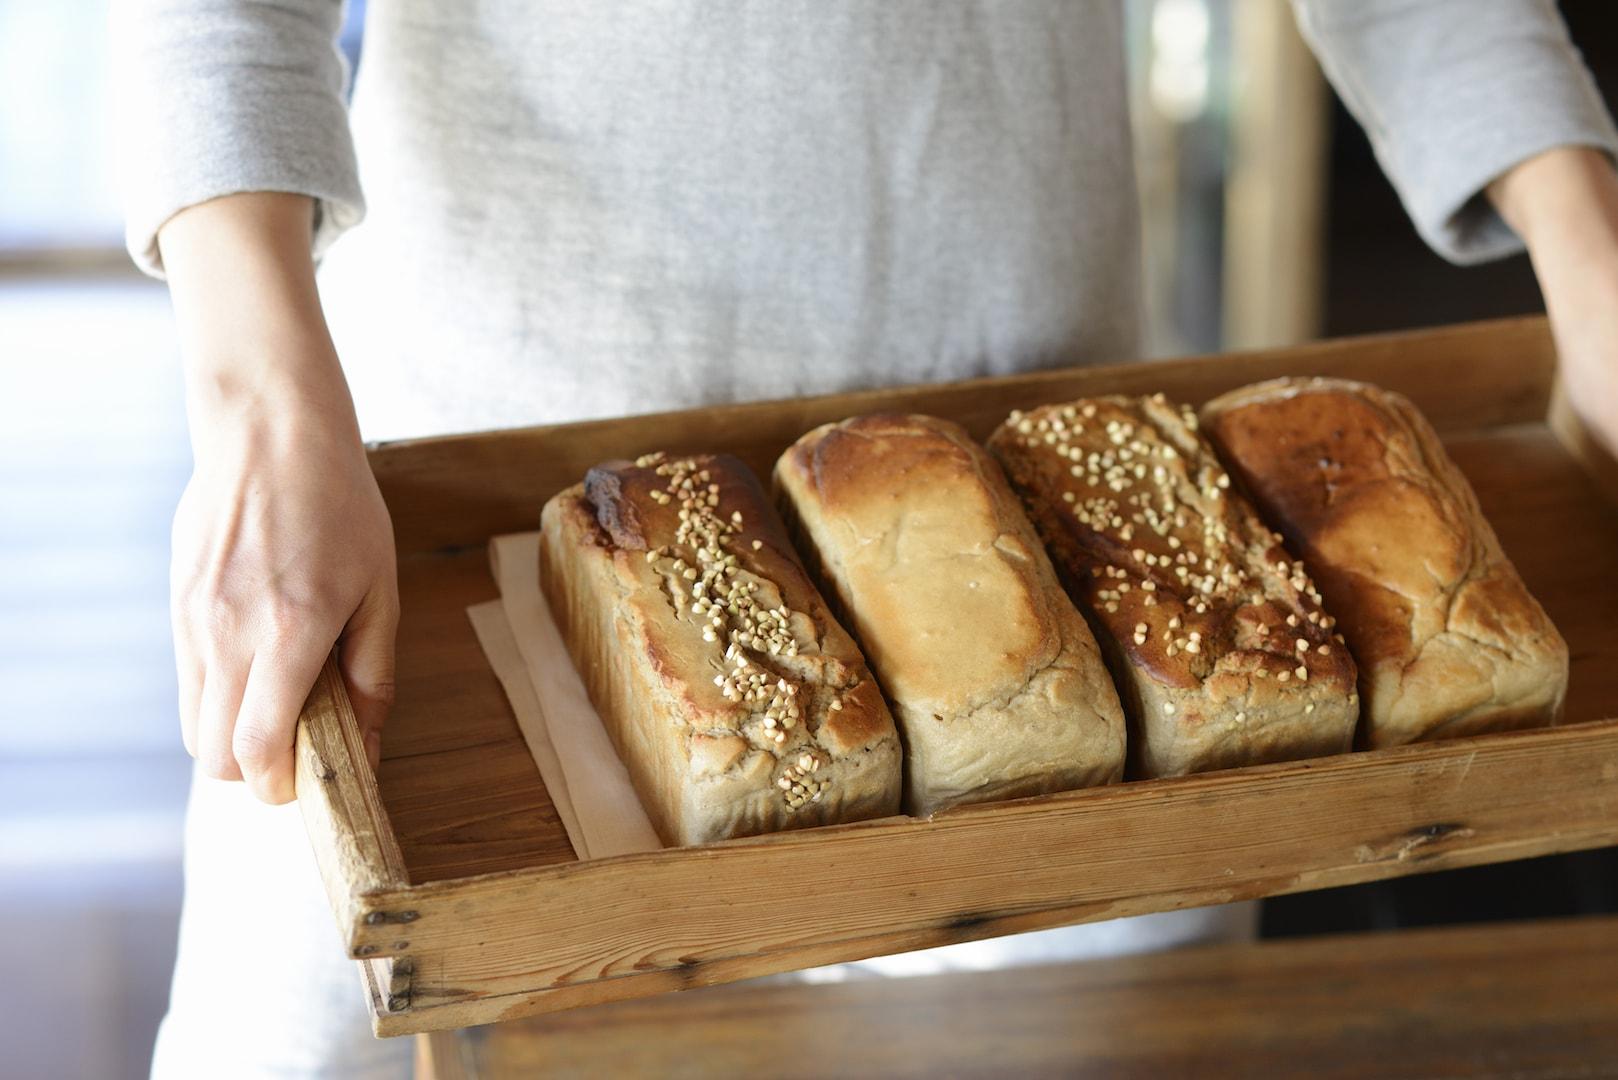 ココナッツオイルヴァージョンのそば粉パンが最高に美味